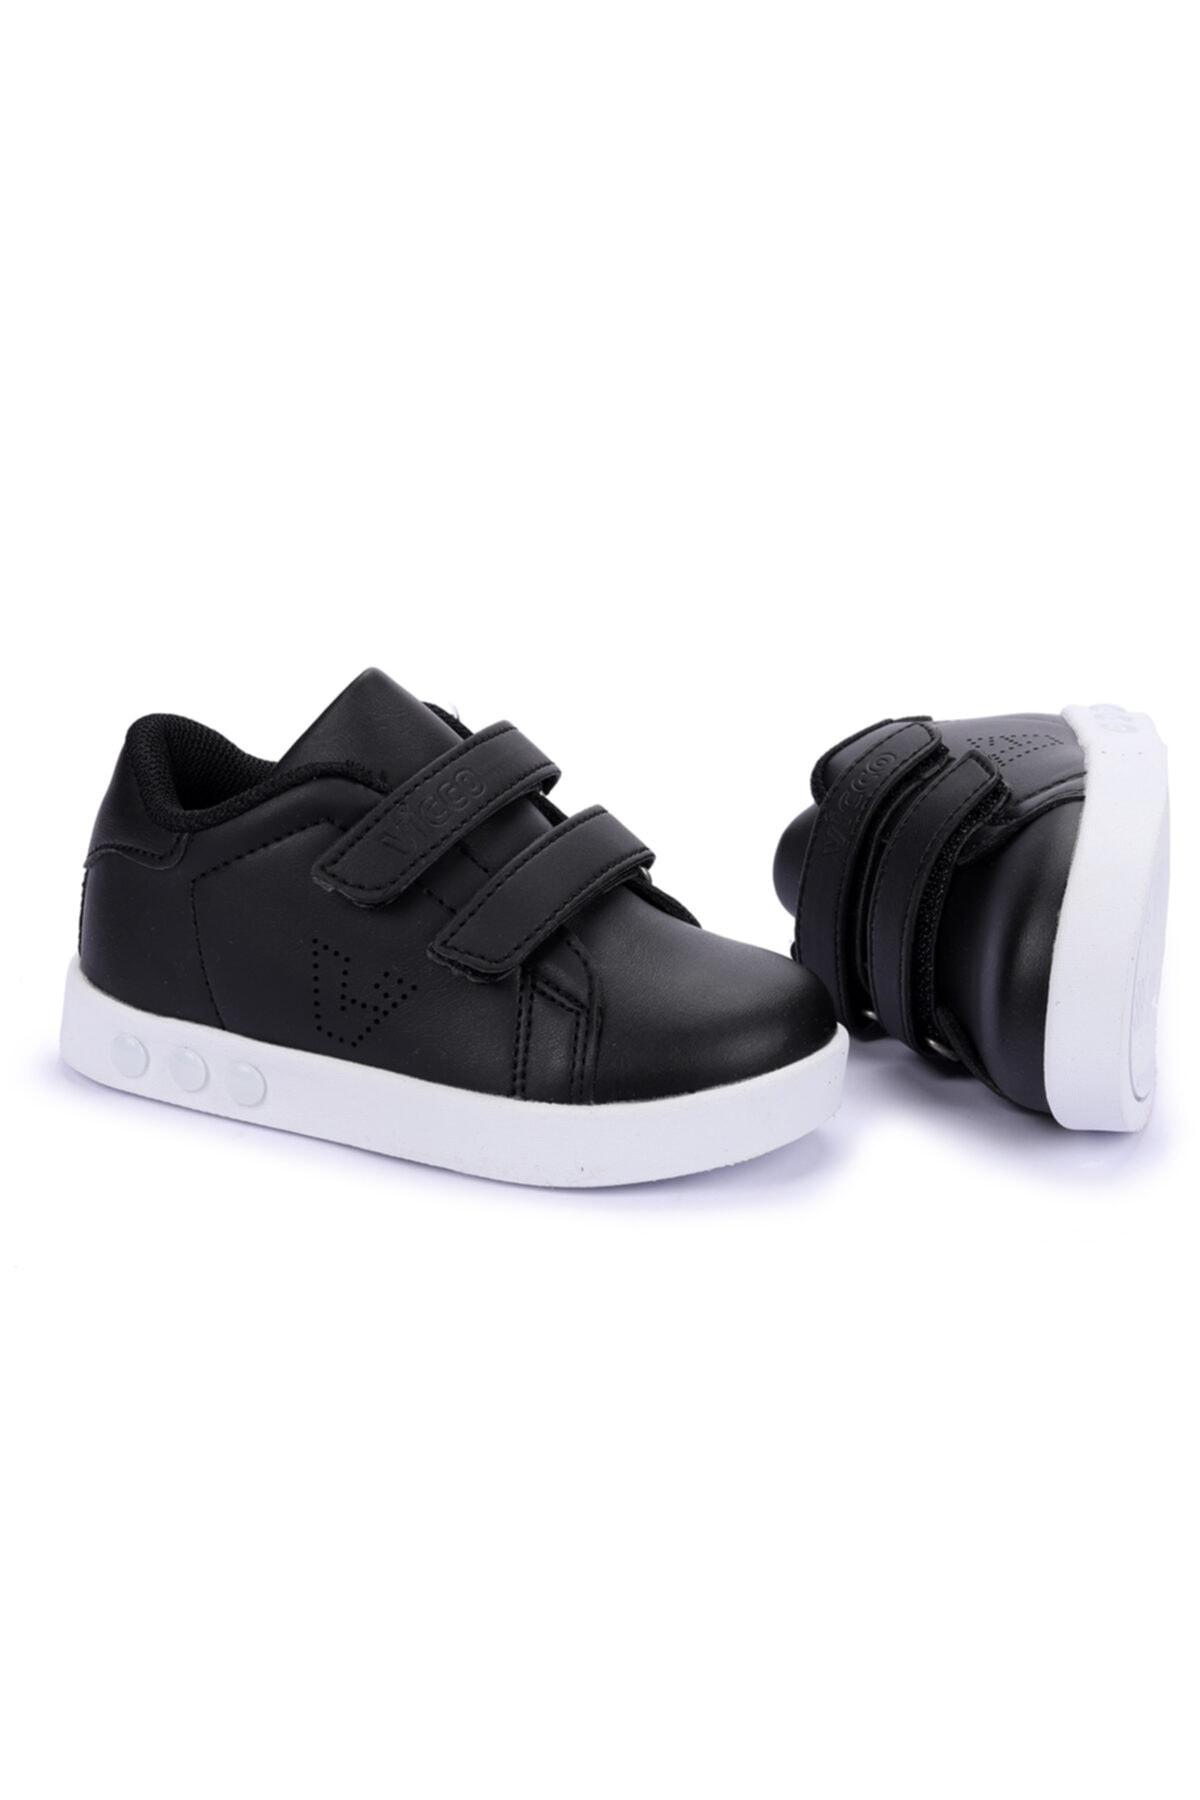 313.e19k.100 Oyo Işıklı Kız/erkek Çocuk Spor Ayakkabı